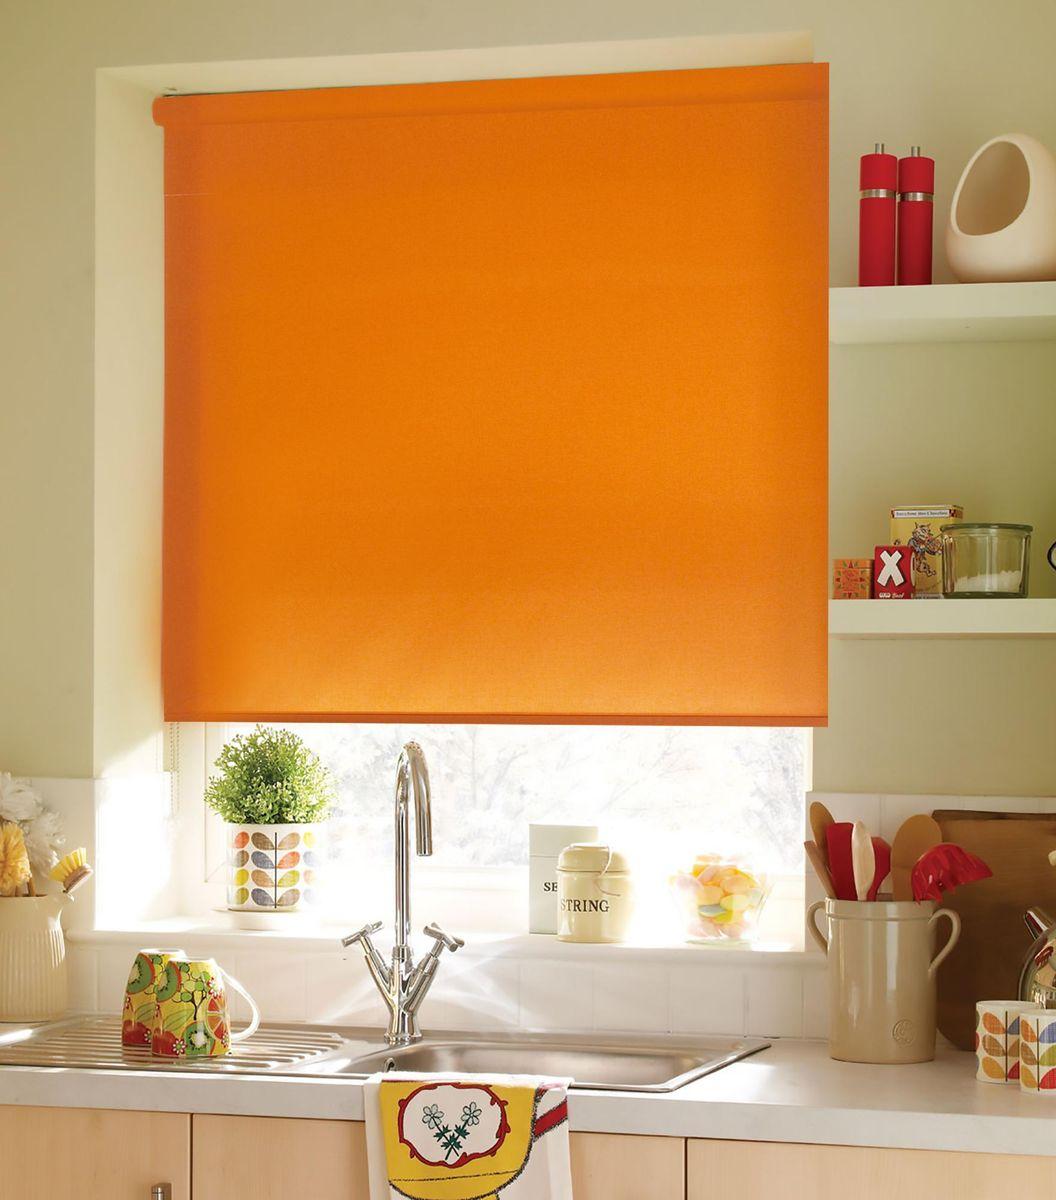 Штора рулонная Эскар, цвет: апельсиновый, ширина 80 см, высота 170 см80653Рулонными шторами можно оформлять окна как самостоятельно, так и использовать в комбинации с портьерами. Это поможет предотвратить выгорание дорогой ткани на солнце и соединит функционал рулонных с красотой навесных.Преимущества применения рулонных штор для пластиковых окон:- имеют прекрасный внешний вид: многообразие и фактурность материала изделия отлично смотрятся в любом интерьере; - многофункциональны: есть возможность подобрать шторы способные эффективно защитить комнату от солнца, при этом о на не будет слишком темной. - Есть возможность осуществить быстрый монтаж. ВНИМАНИЕ! Размеры ширины изделия указаны по ширине ткани!Во время эксплуатации не рекомендуется полностью разматывать рулон, чтобы не оторвать ткань от намоточного вала.В случае загрязнения поверхности ткани, чистку шторы проводят одним из способов, в зависимости от типа загрязнения: легкое поверхностное загрязнение можно удалить при помощи канцелярского ластика; чистка от пыли производится сухим методом при помощи пылесоса с мягкой щеткой-насадкой; для удаления пятна используйте мягкую губку с пенообразующим неагрессивным моющим средством или пятновыводитель на натуральной основе (нельзя применять растворители).